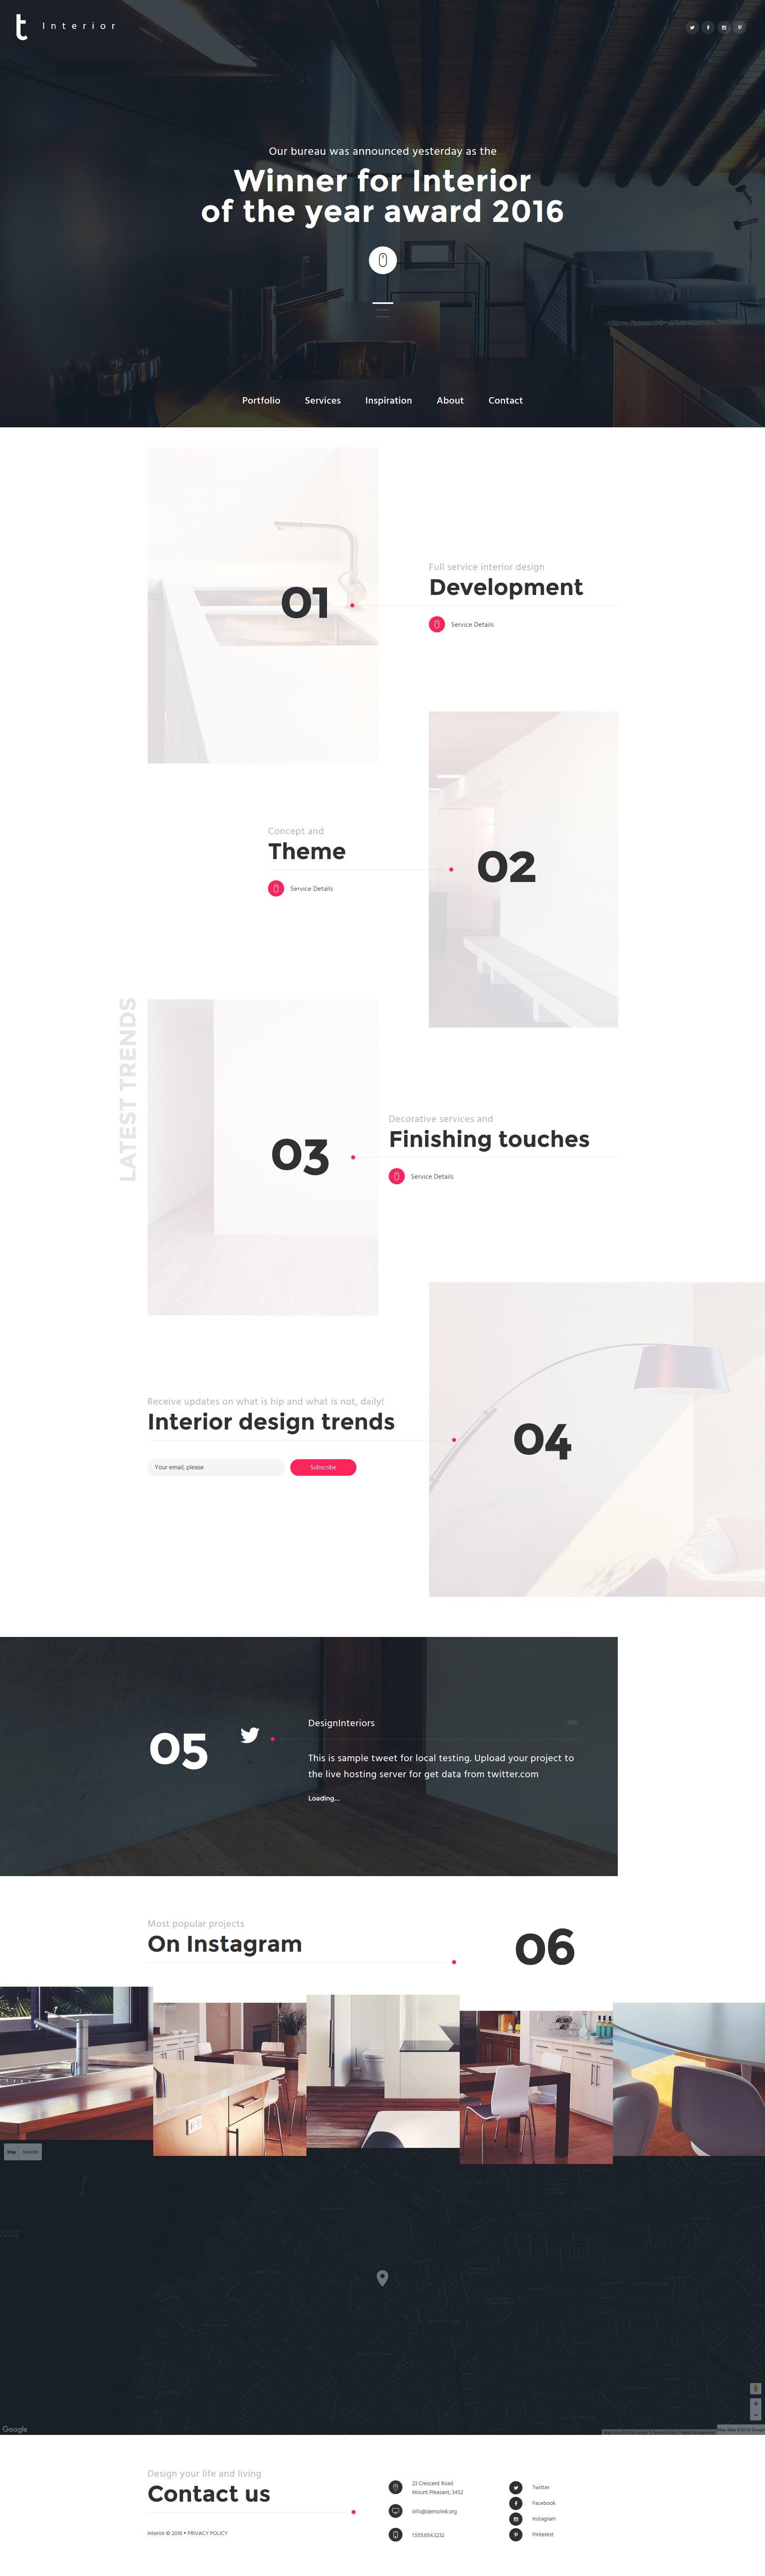 Responsywny szablon strony www Interior  Furniture #58403 - zrzut ekranu